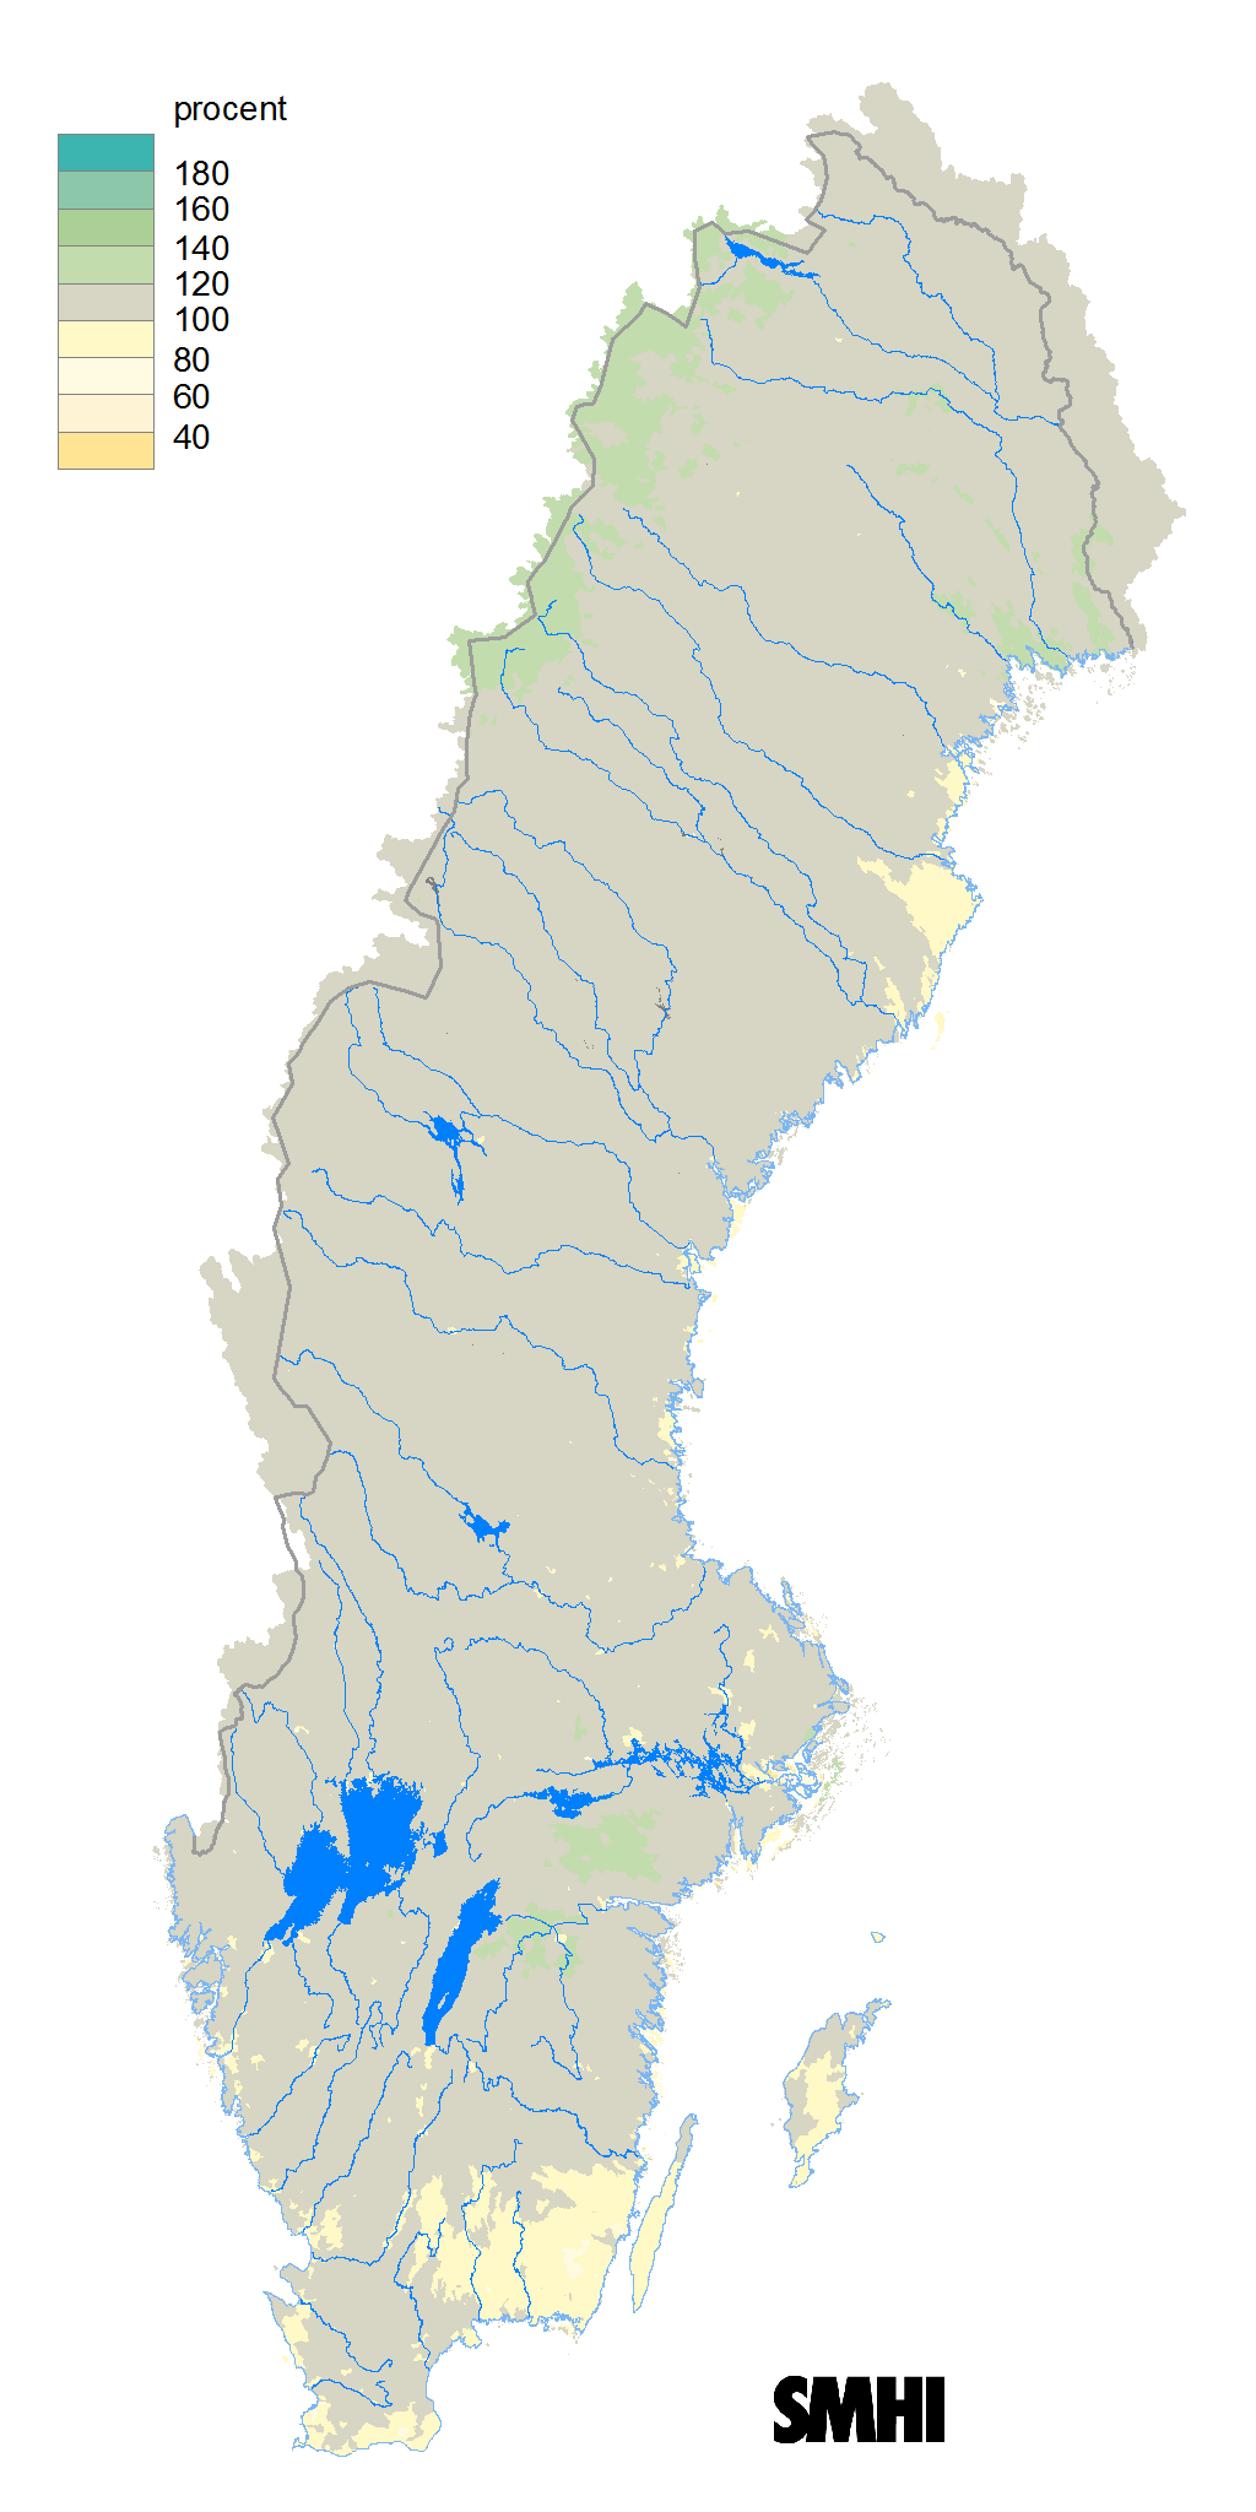 Karta Blekinge Skane.Oktober 2015 Laga Floden I Skane Blekinge Och Smaland Smhi